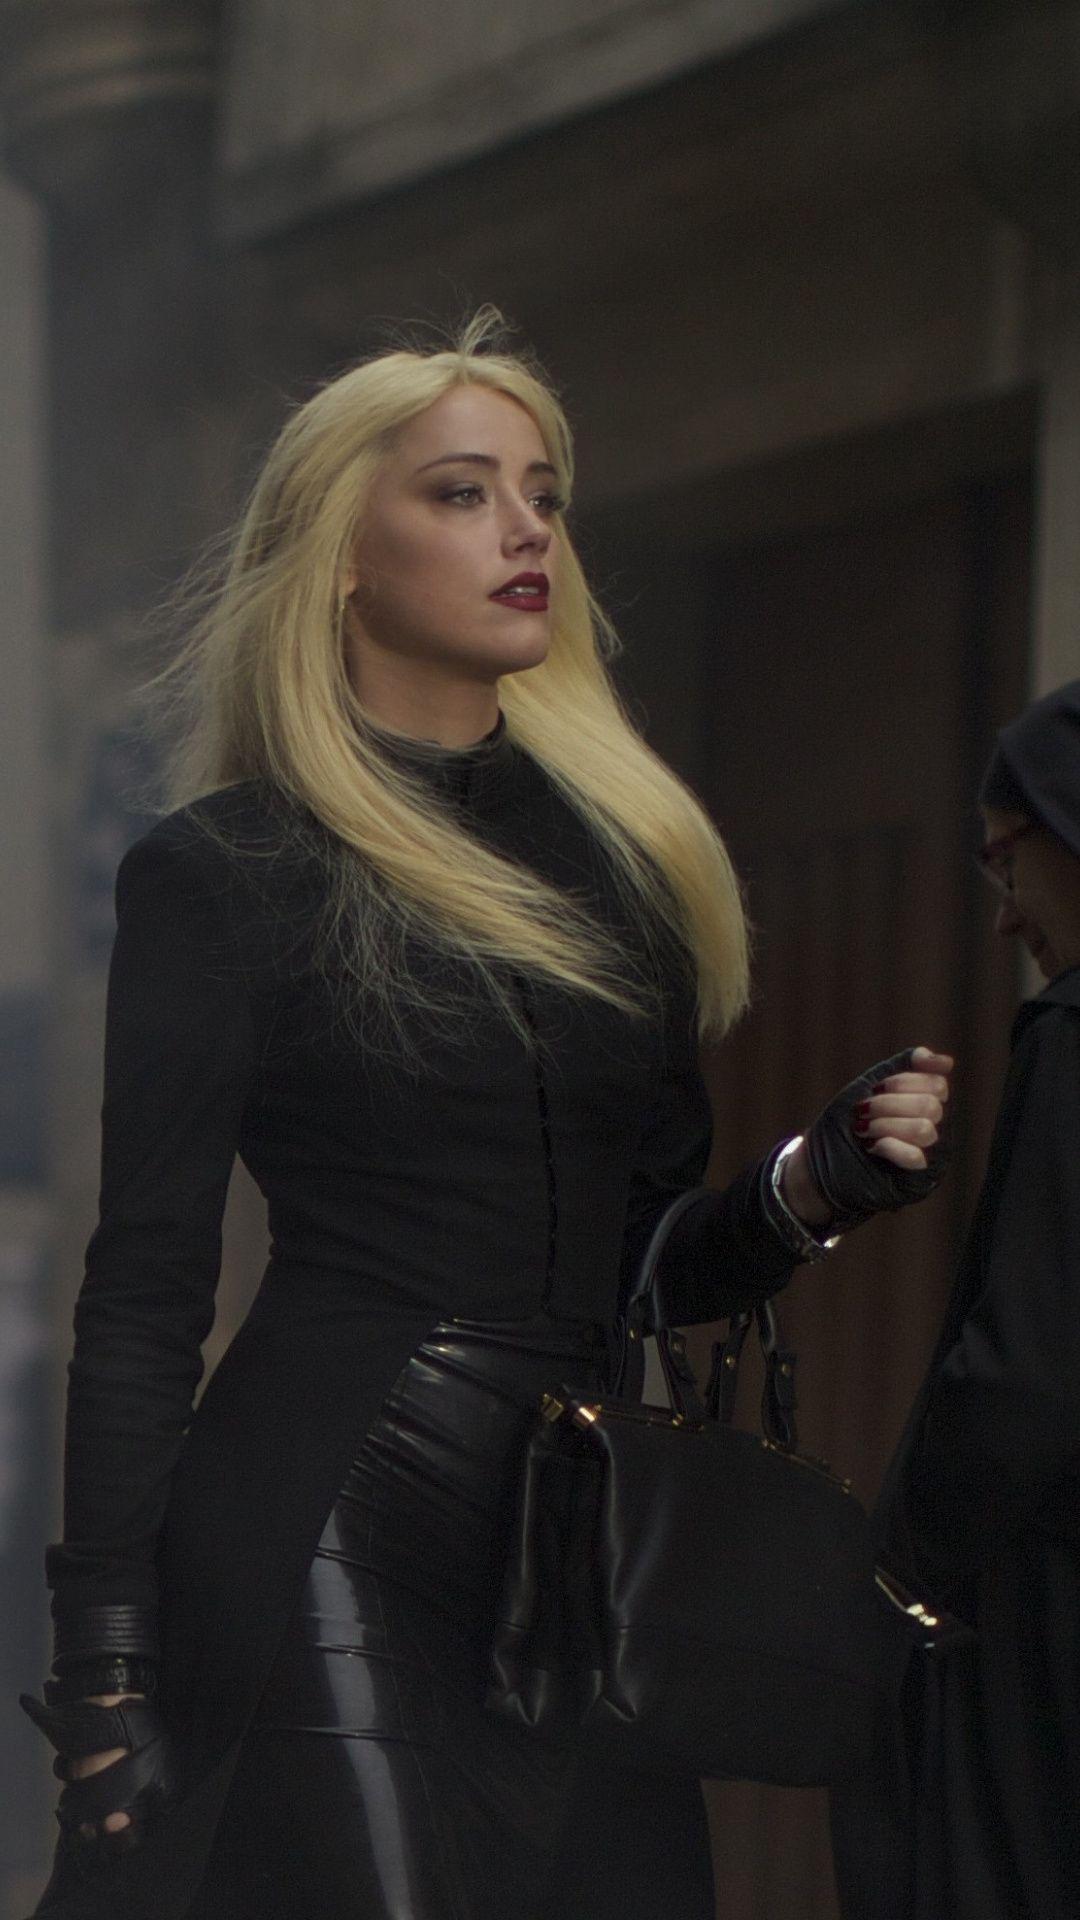 Amber Heard movie 3 Days to Kill 1080x1920 wallpaper Beauty 1080x1920